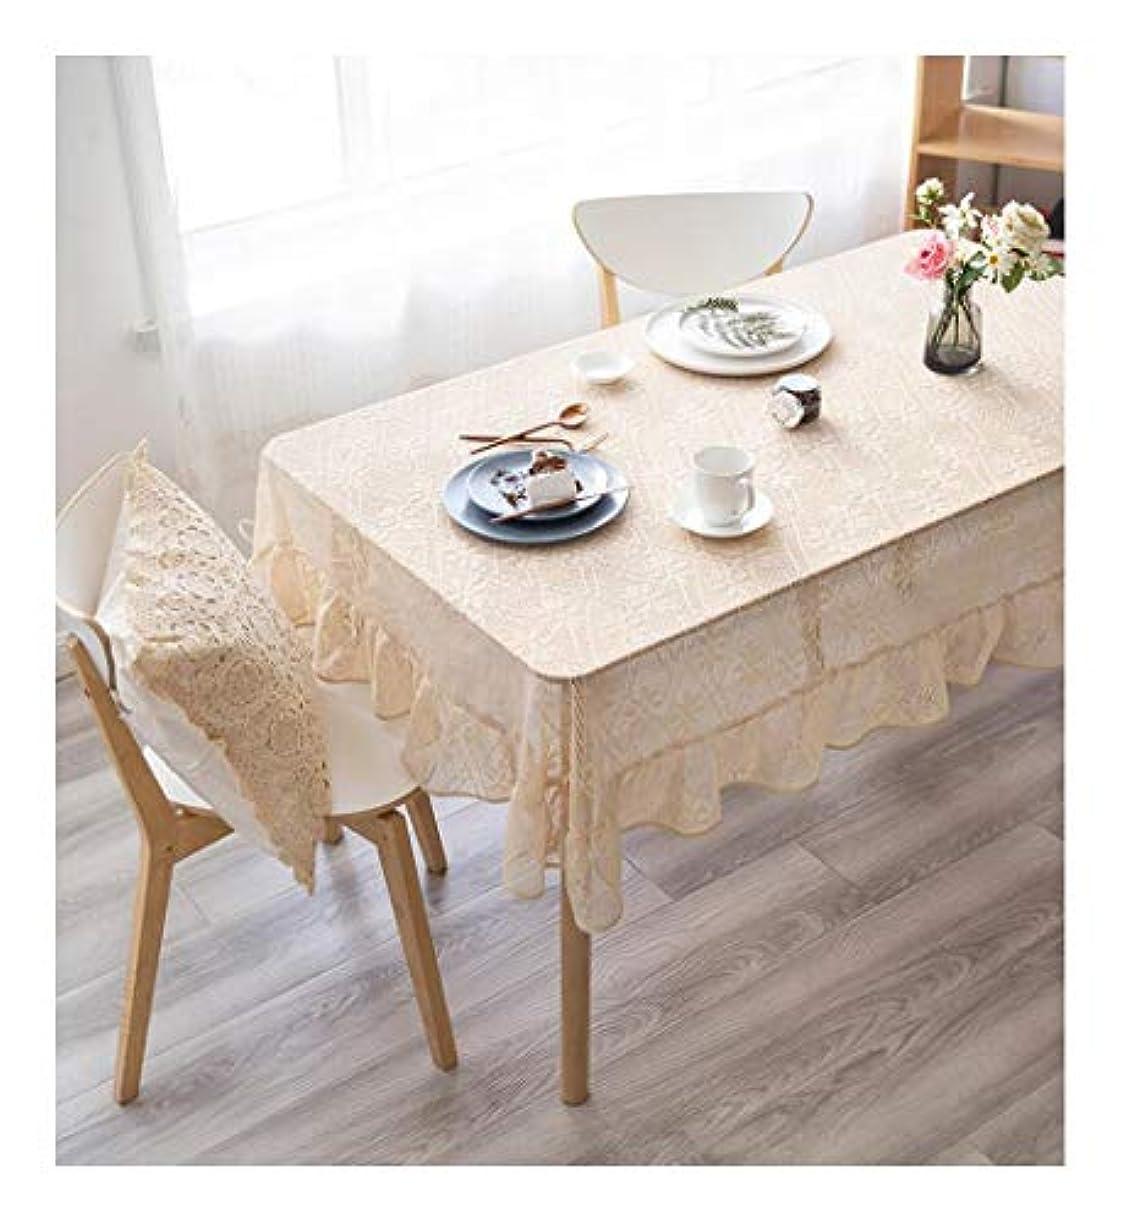 地理平和振動するレース生地テーブルクロスヨーロッパ牧歌長方形コーヒーテーブルマットシンプルモダンホーム LUYIYI (Size : 1.3m*1.8m)